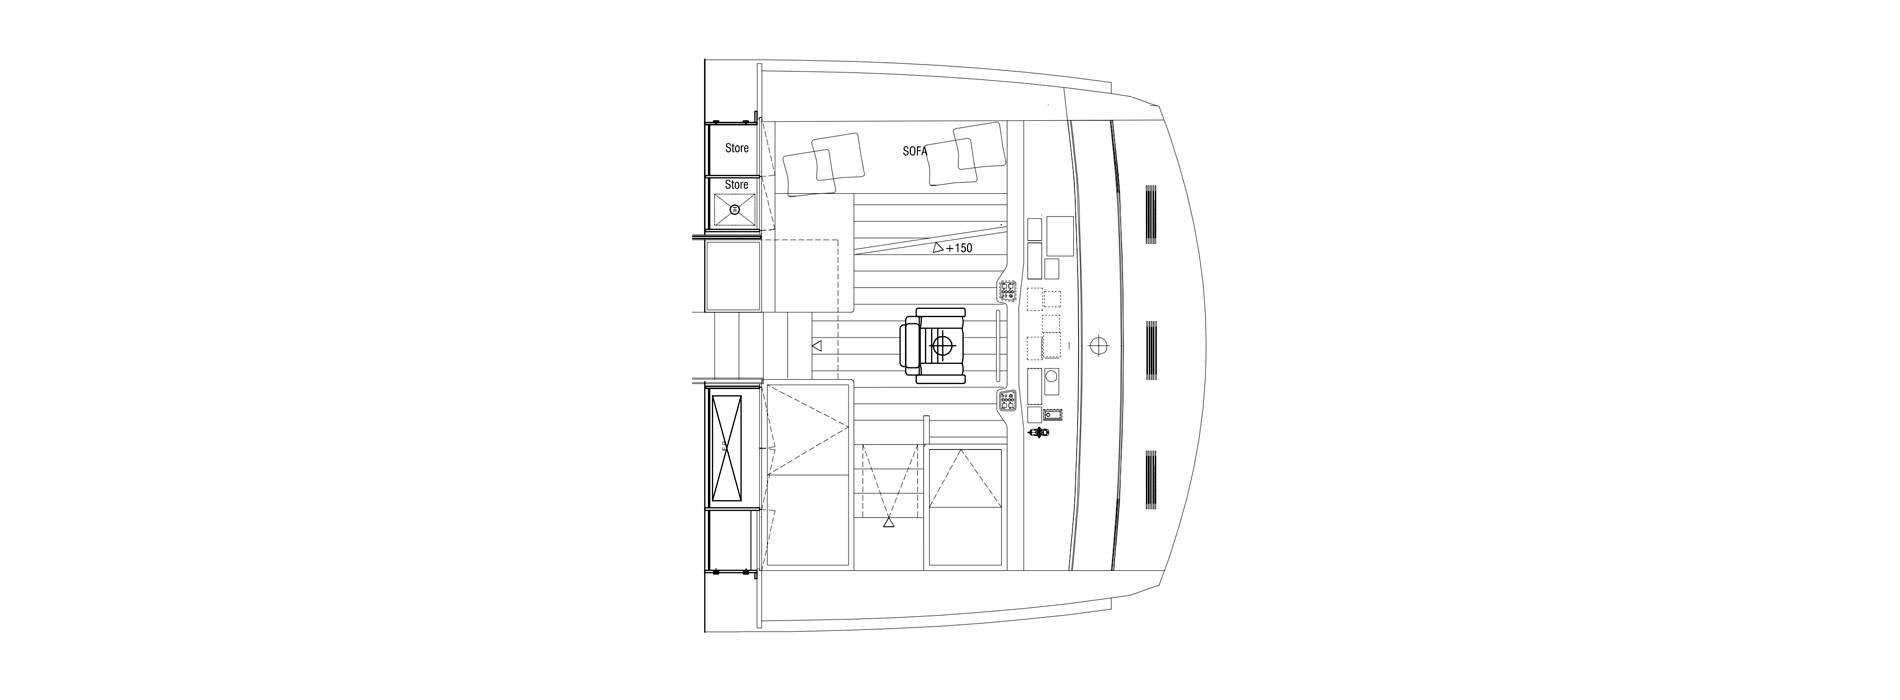 Sanlorenzo Yachts SL96-635 under offer Dettagli